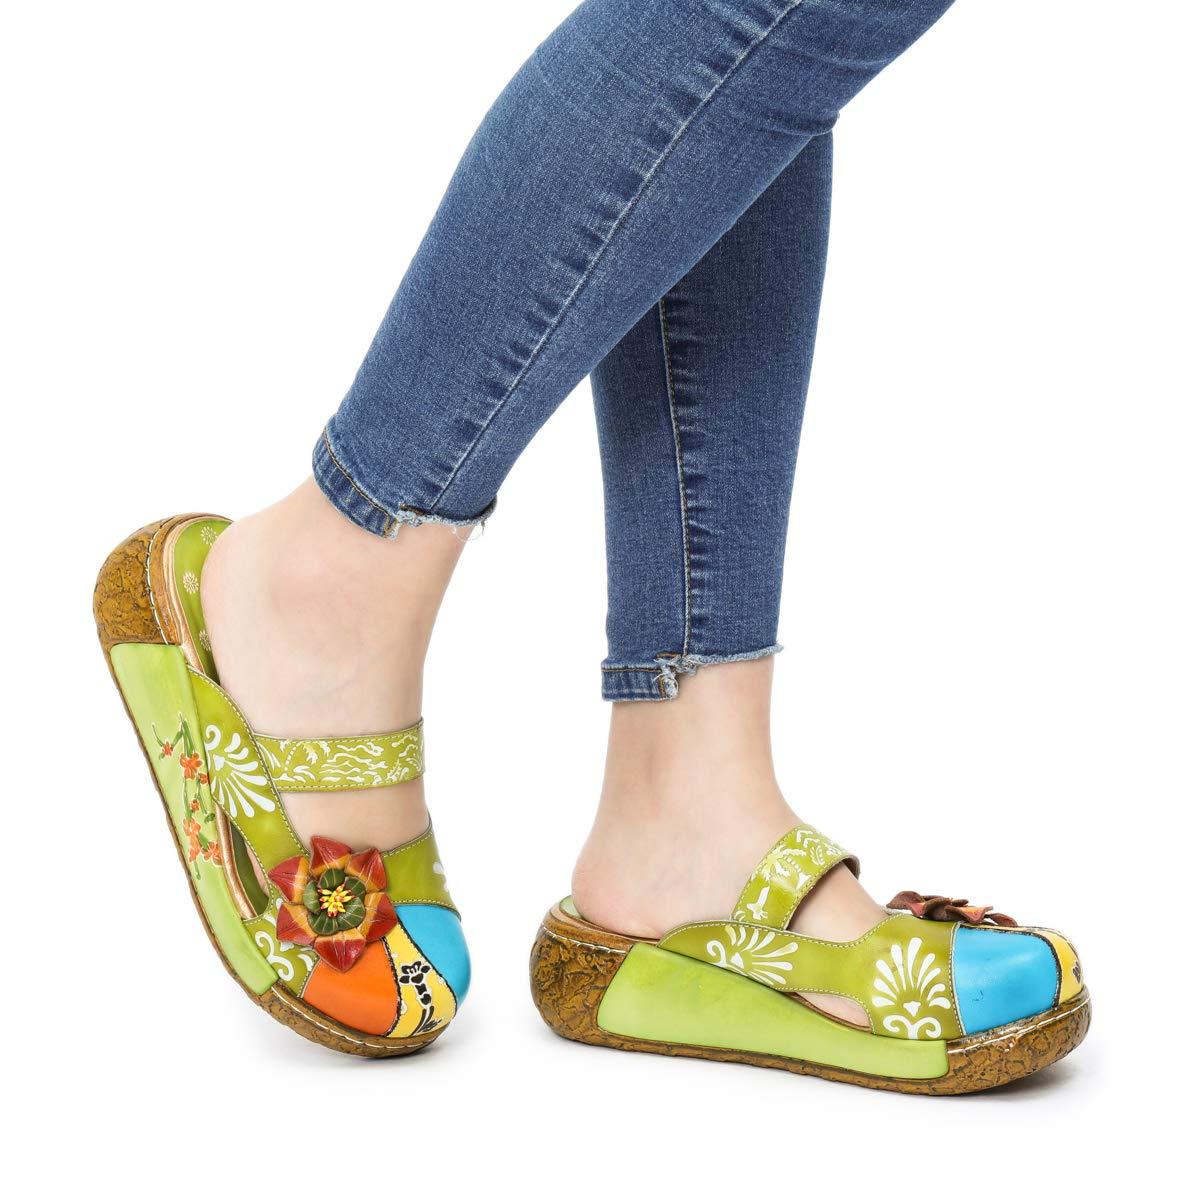 f6490f84e174dd Camfosy Sabots Cuir Femmes, Sandales Compensée Clogs Mule Chaussures Été à  Talons Compensés Plateforme Pantoufles Originales ...